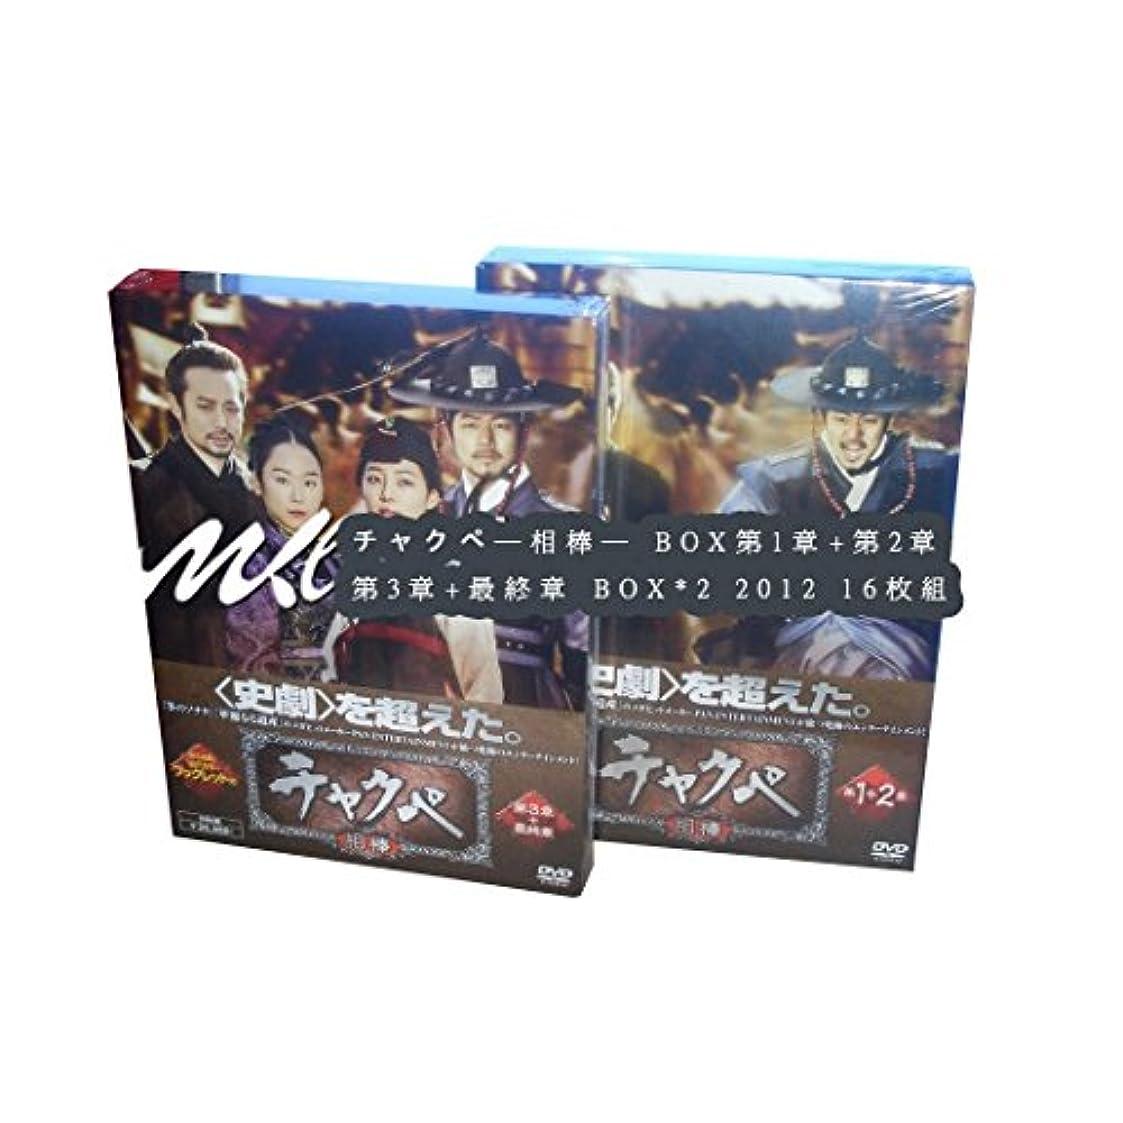 苦しむ栄養製造チャクペ―相棒― BOX第1章+第2章+第3章+最終章 BOX*2 2012